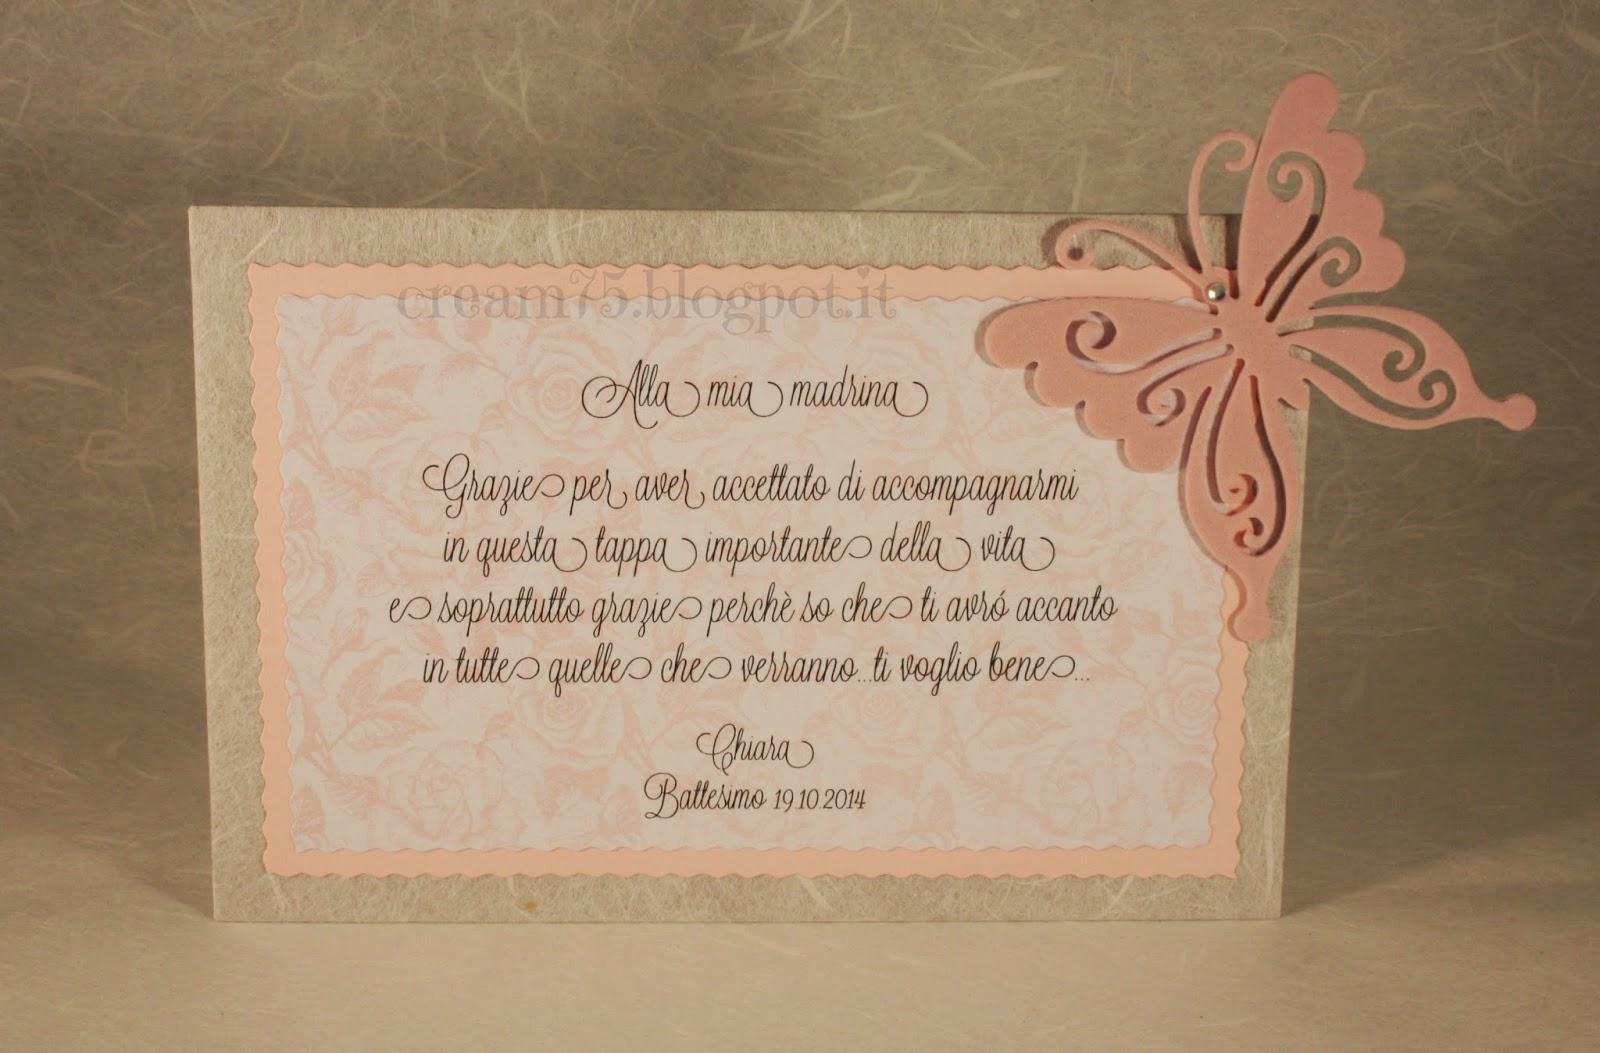 Messaggi Auguri Matrimonio : Frasi ringraziamento prete per battesimo fm